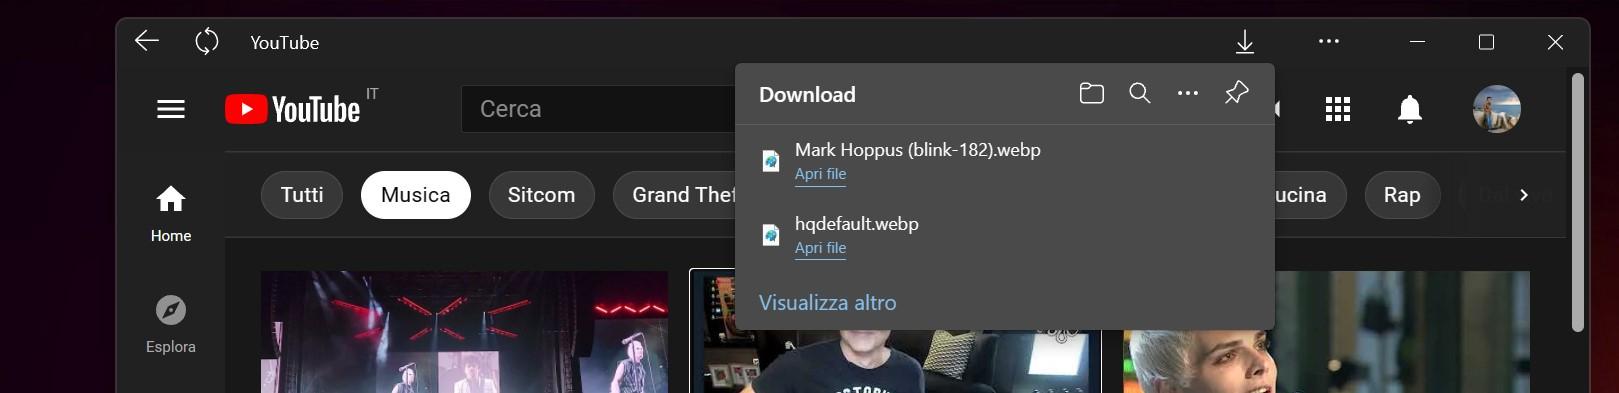 Microsoft Edge Dev - PWA con pannello dei download